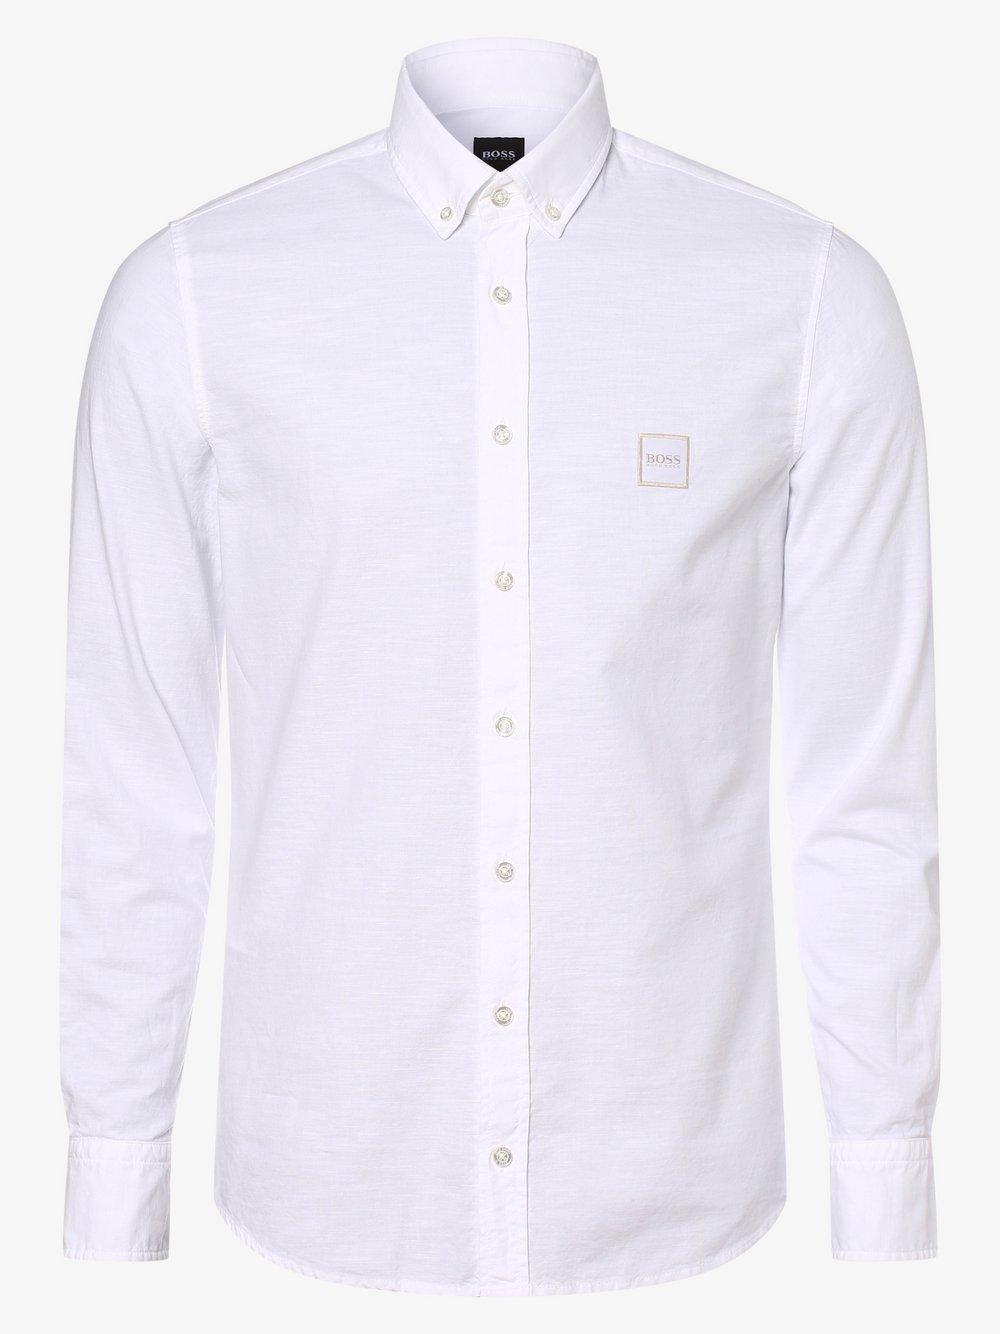 BOSS Casual – Koszula męska – Mabsoot, biały Van Graaf 460302-0002